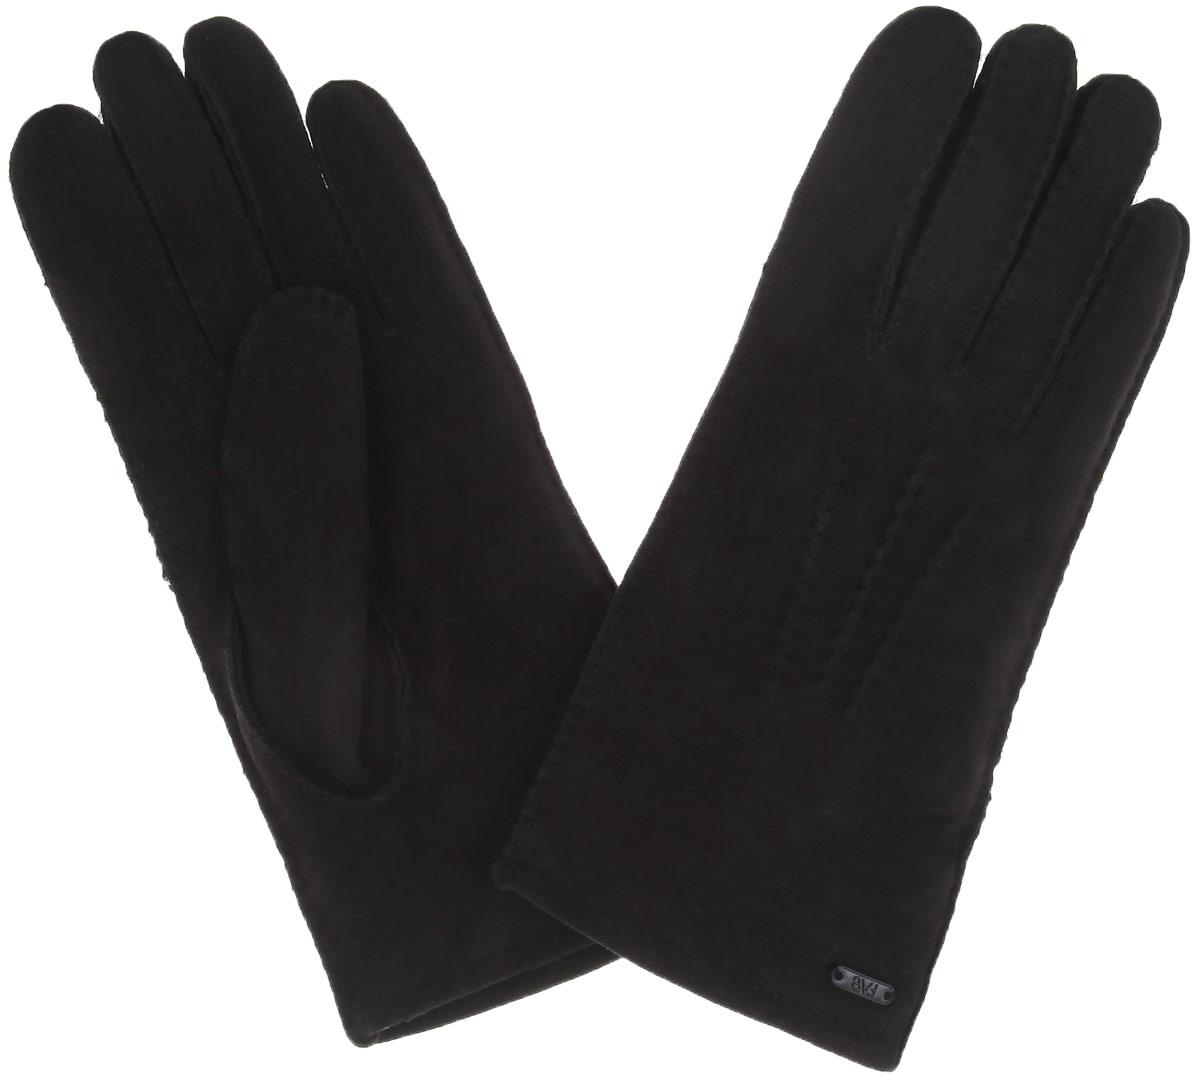 Перчатки25.1-1Элегантные женские перчатки Fabretti станут великолепным дополнением вашего образа и защитят ваши руки от холода и ветра во время прогулок. Перчатки выполнены из натуральной кожи (велюра), а с изнаночной стороны выполнены из искусственного меха, что позволяет им надежно сохранять тепло. Модель оформлена декоративной прострочкой и украшена небольшой пластиной с логотипом бренда. Такие перчатки будут оригинальным завершающим штрихом в создании современного модного образа, они подчеркнут ваш изысканный вкус и станут незаменимым и практичным аксессуаром.